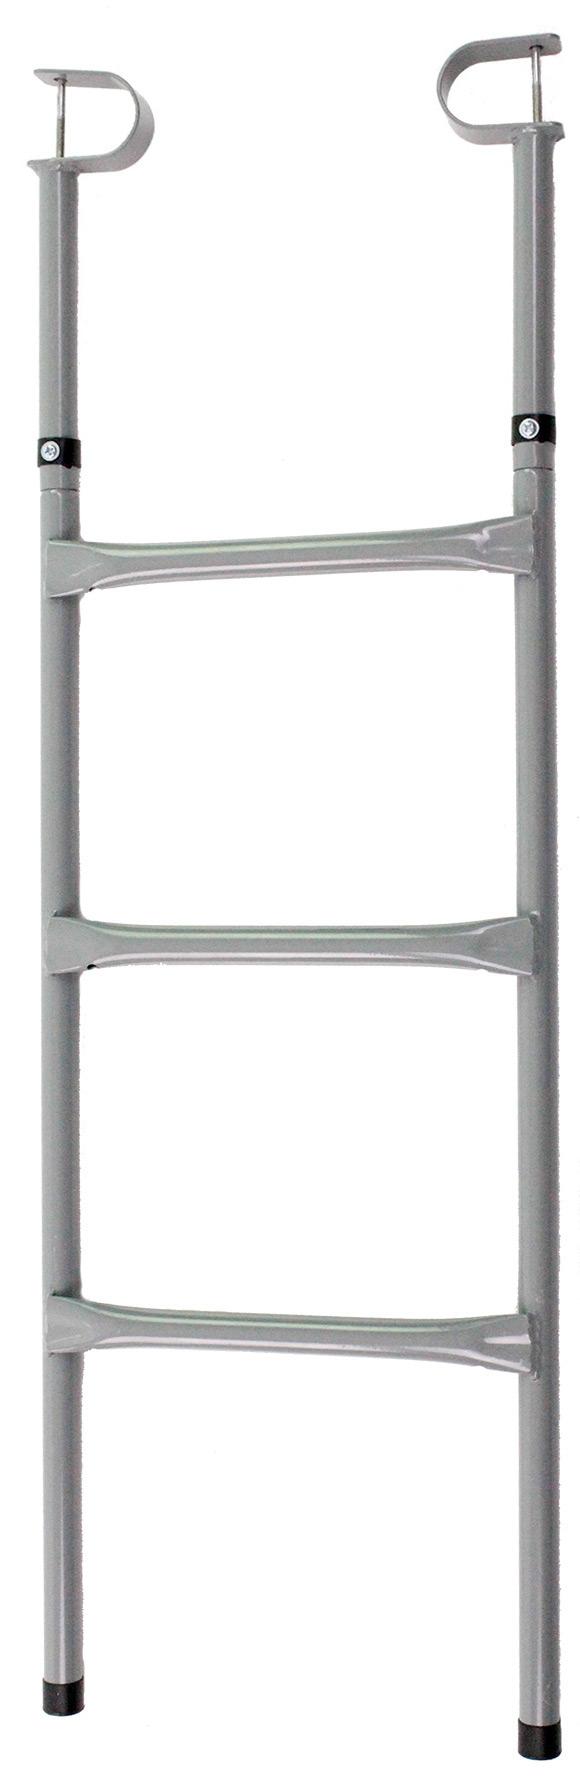 leiter f r trampoline bis ca 95 cm h he trampolin trampolinleiter 100 cm h he ebay. Black Bedroom Furniture Sets. Home Design Ideas